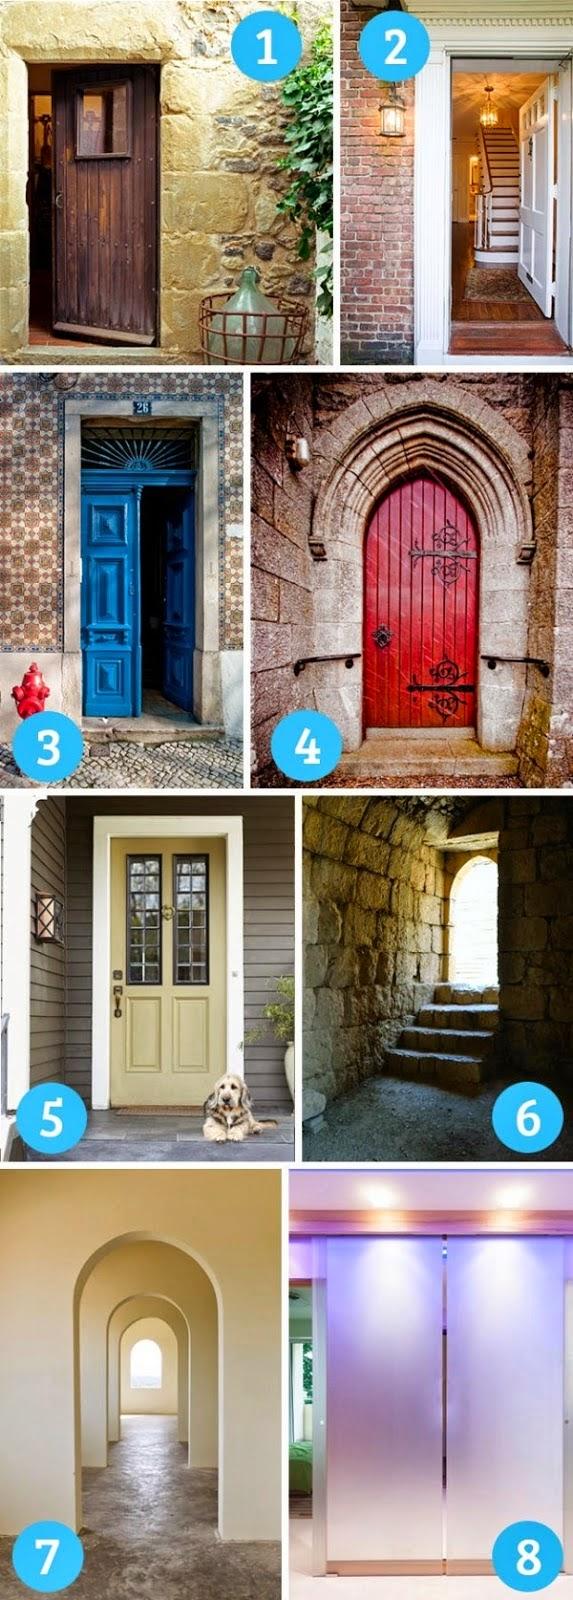 Λένε πως η πόρτα που θα διαλέξεις θα σου αποκαλύψει το μέλλον σου. Και όντως ισχύει… - Φωτογραφία 2